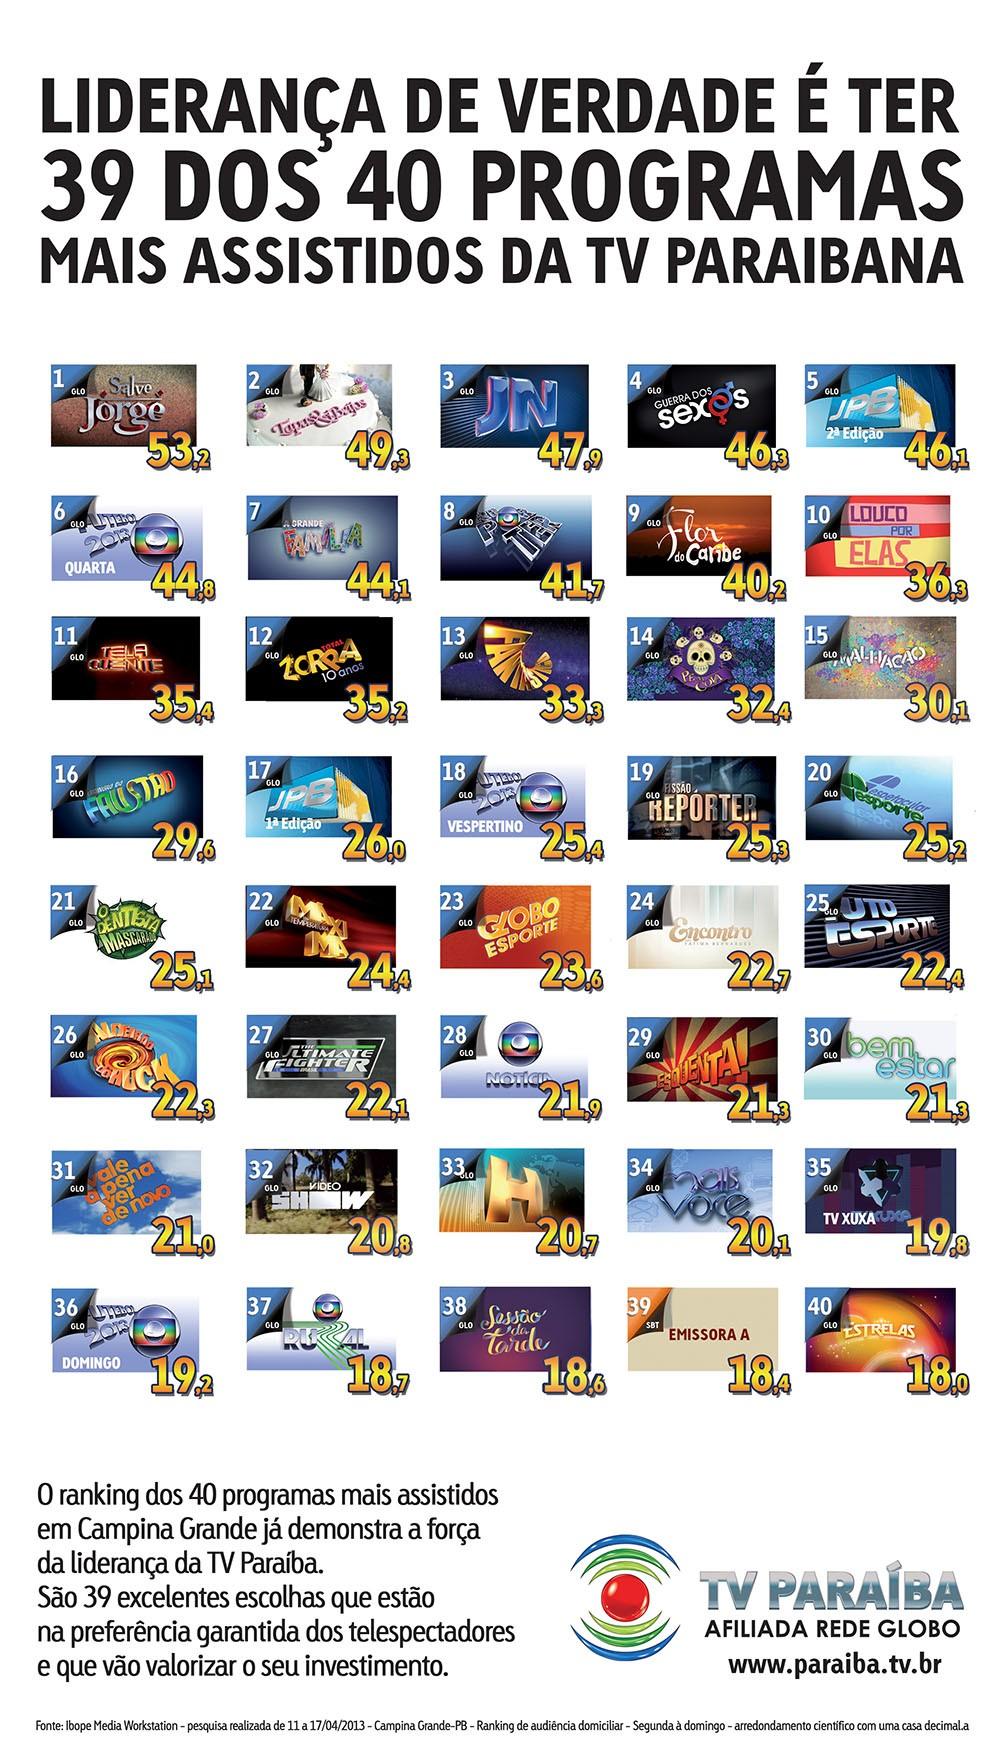 Lista dos 40 mais assistidos da TV Paraíba (Foto: Divulgação/TV Paraíba)